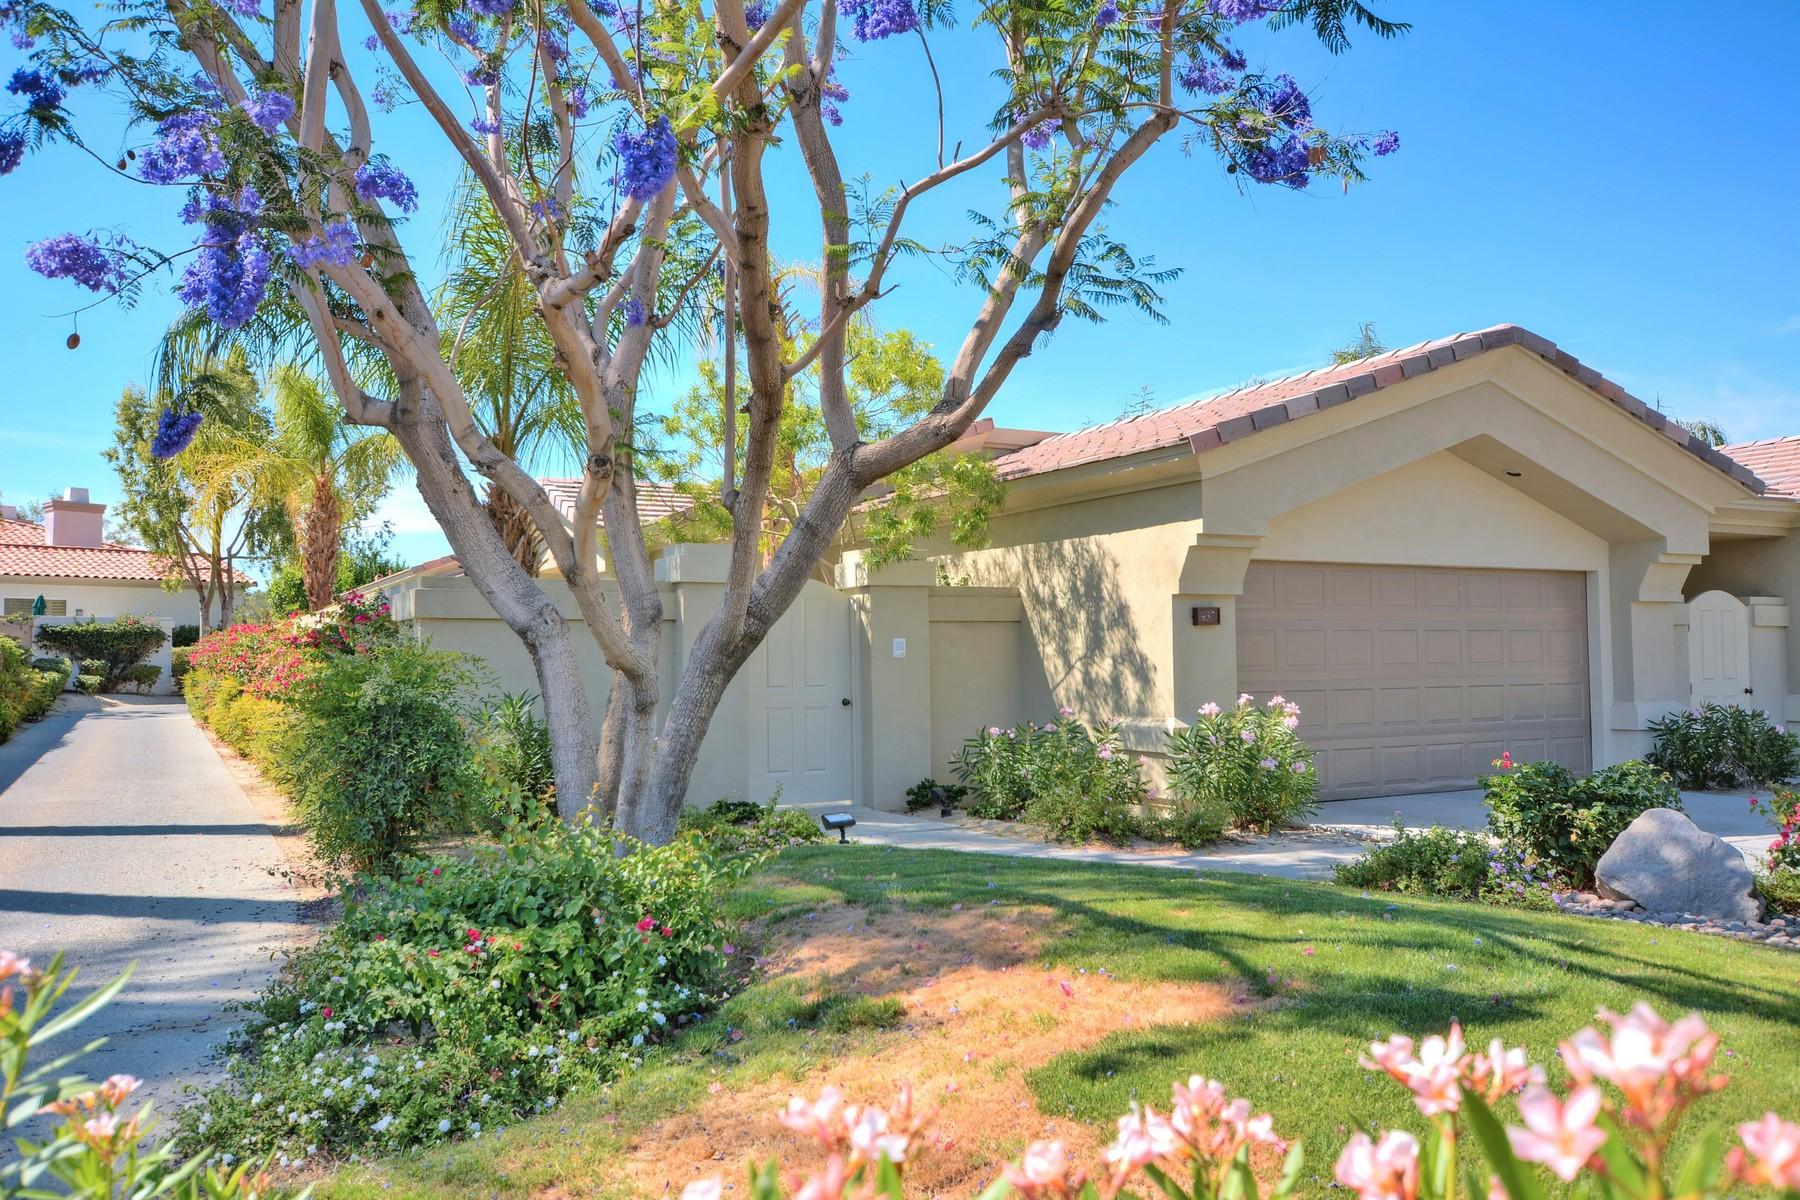 共管式独立产权公寓 为 销售 在 937 Box Canyon Palm Desert, 加利福尼亚州, 92211 美国